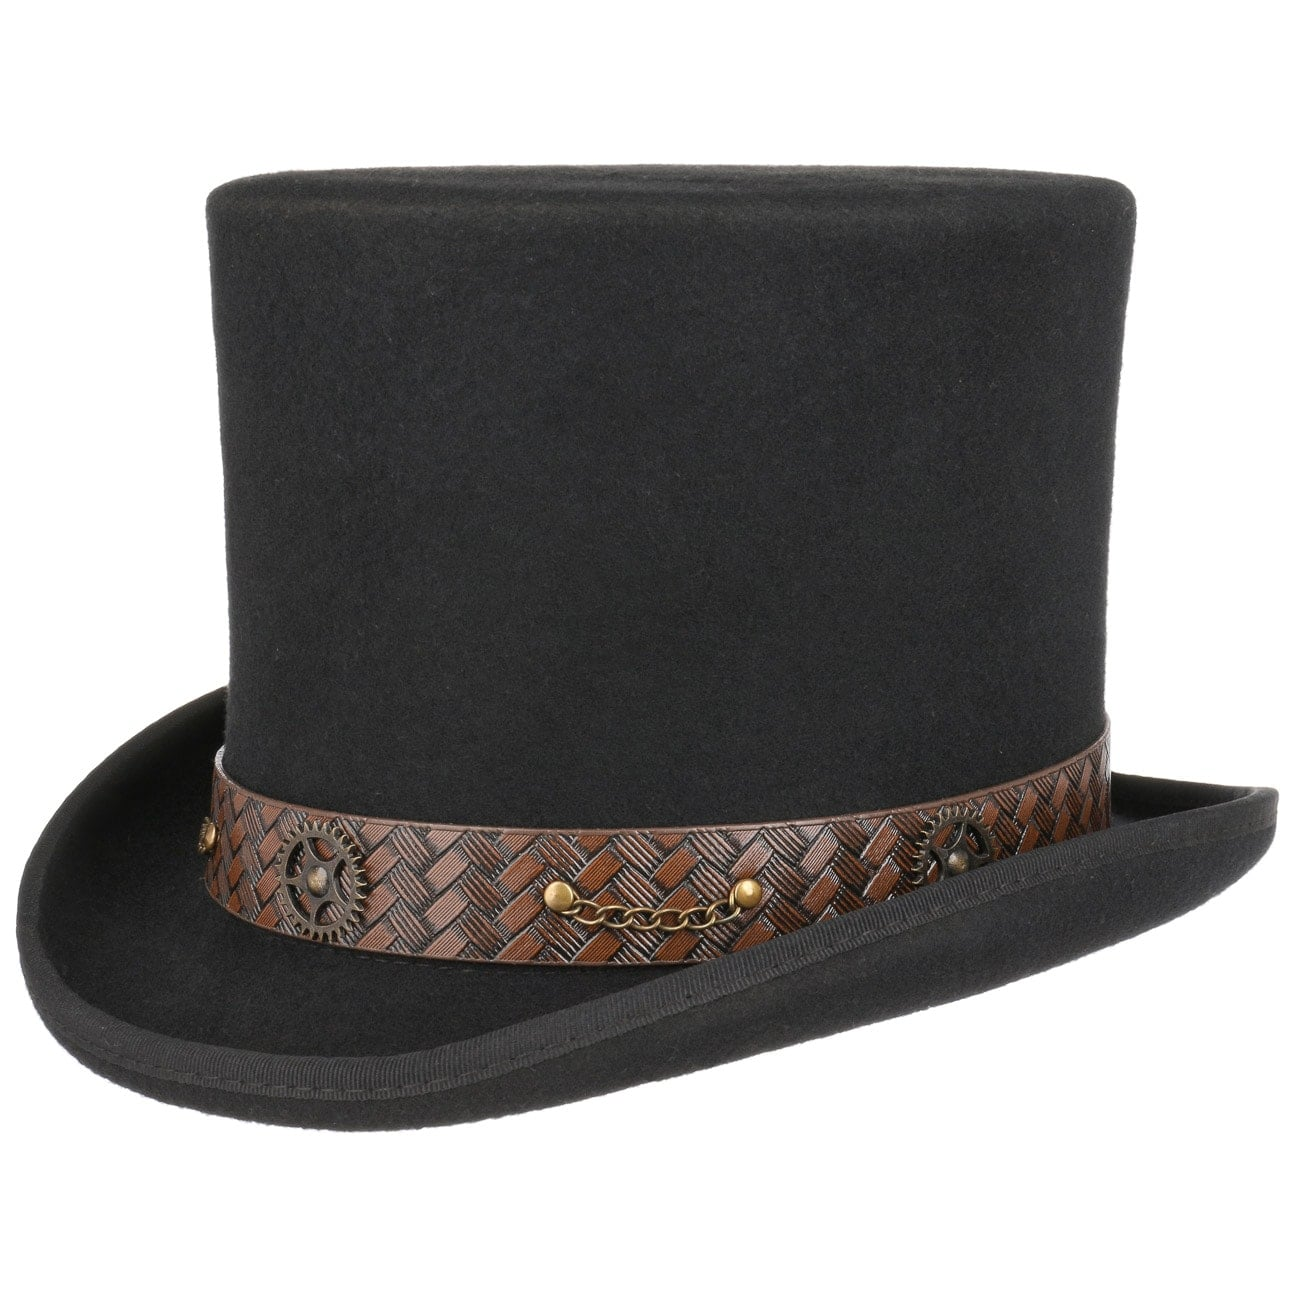 Haut-de-forme Mad Hatter Steampunk by Conner  chapeau en feutre de laine